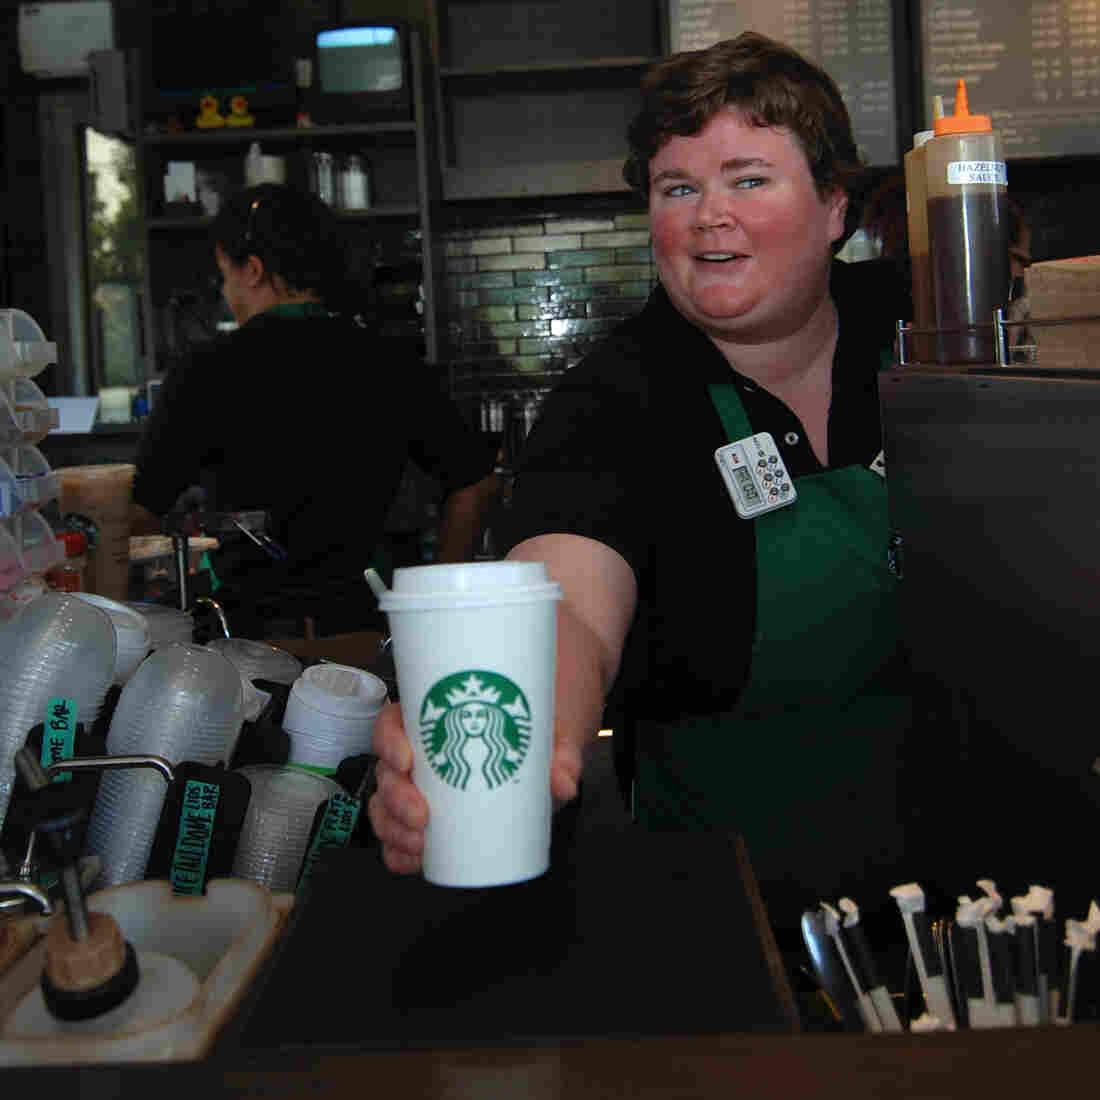 Lisa McNally, serving coffee.